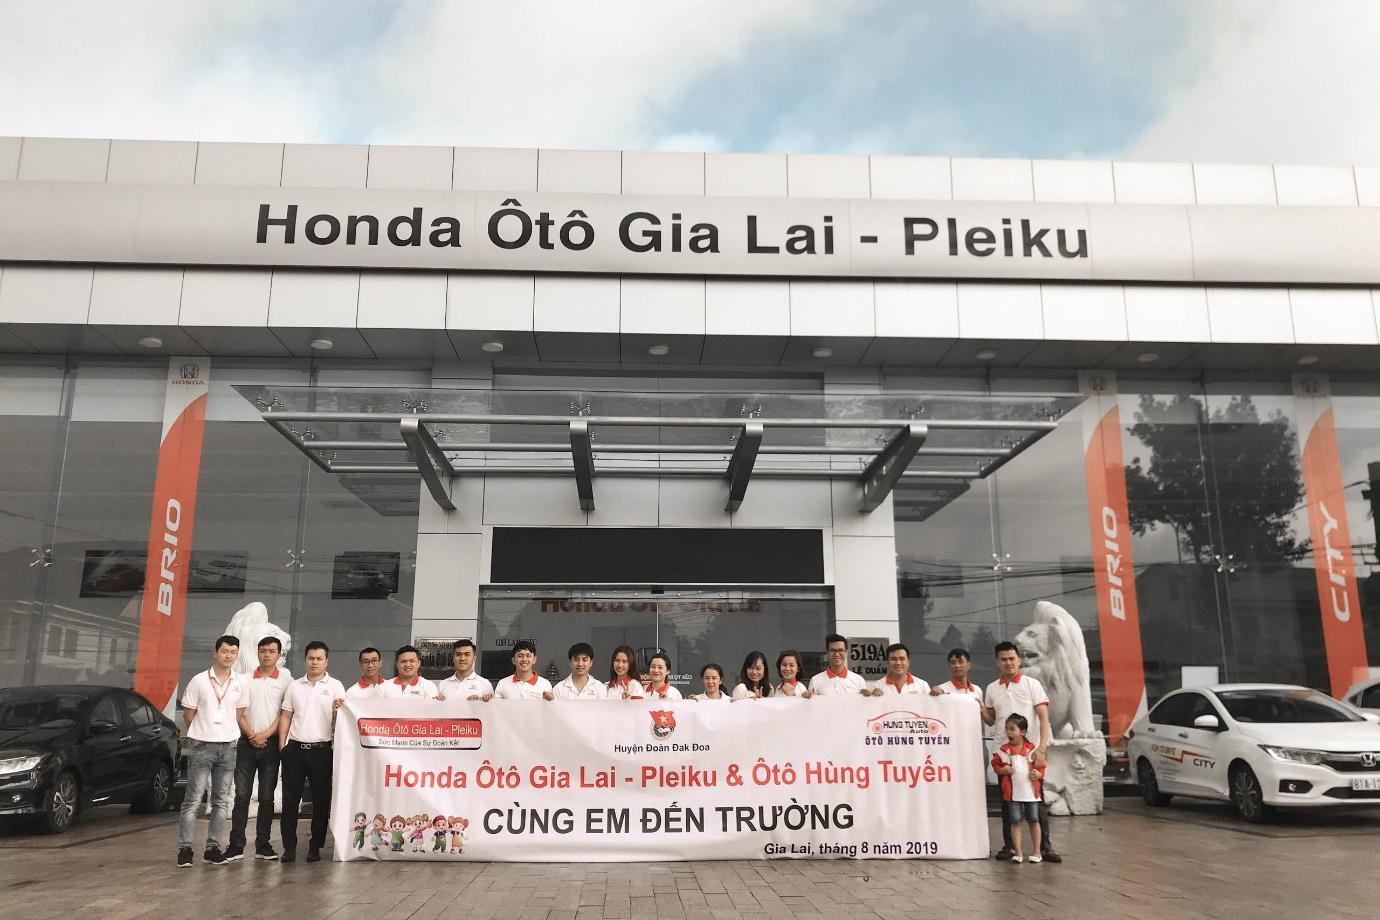 Honda ô tô Gia Lai - Pleiku chia sẻ yêu thương cùng các em học sinh khó khăn trên địa bàn - Ảnh 1